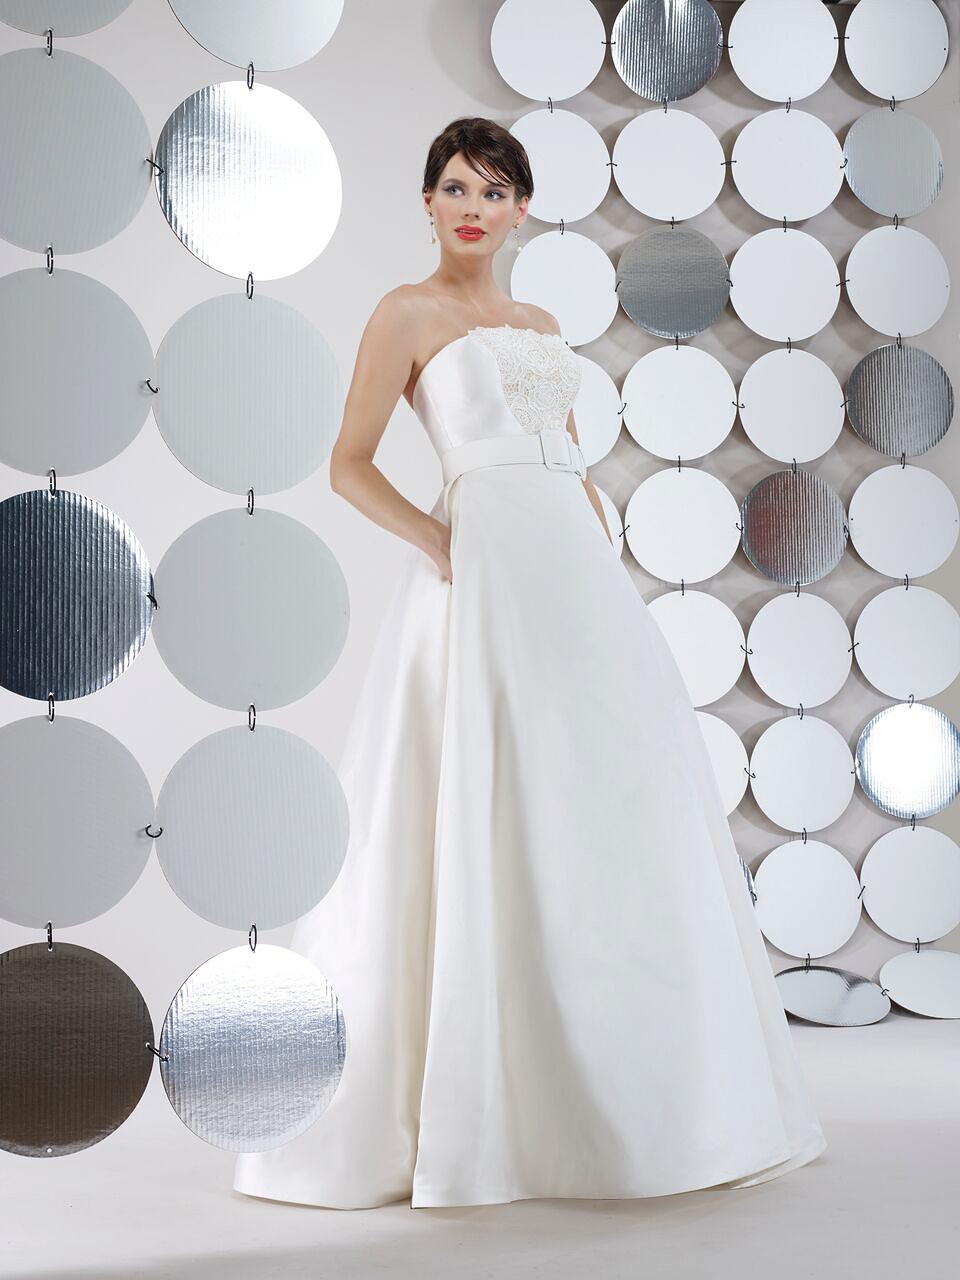 steven birnbaum bridal wedding dress fall 2018 strapless belted ballgown pockets